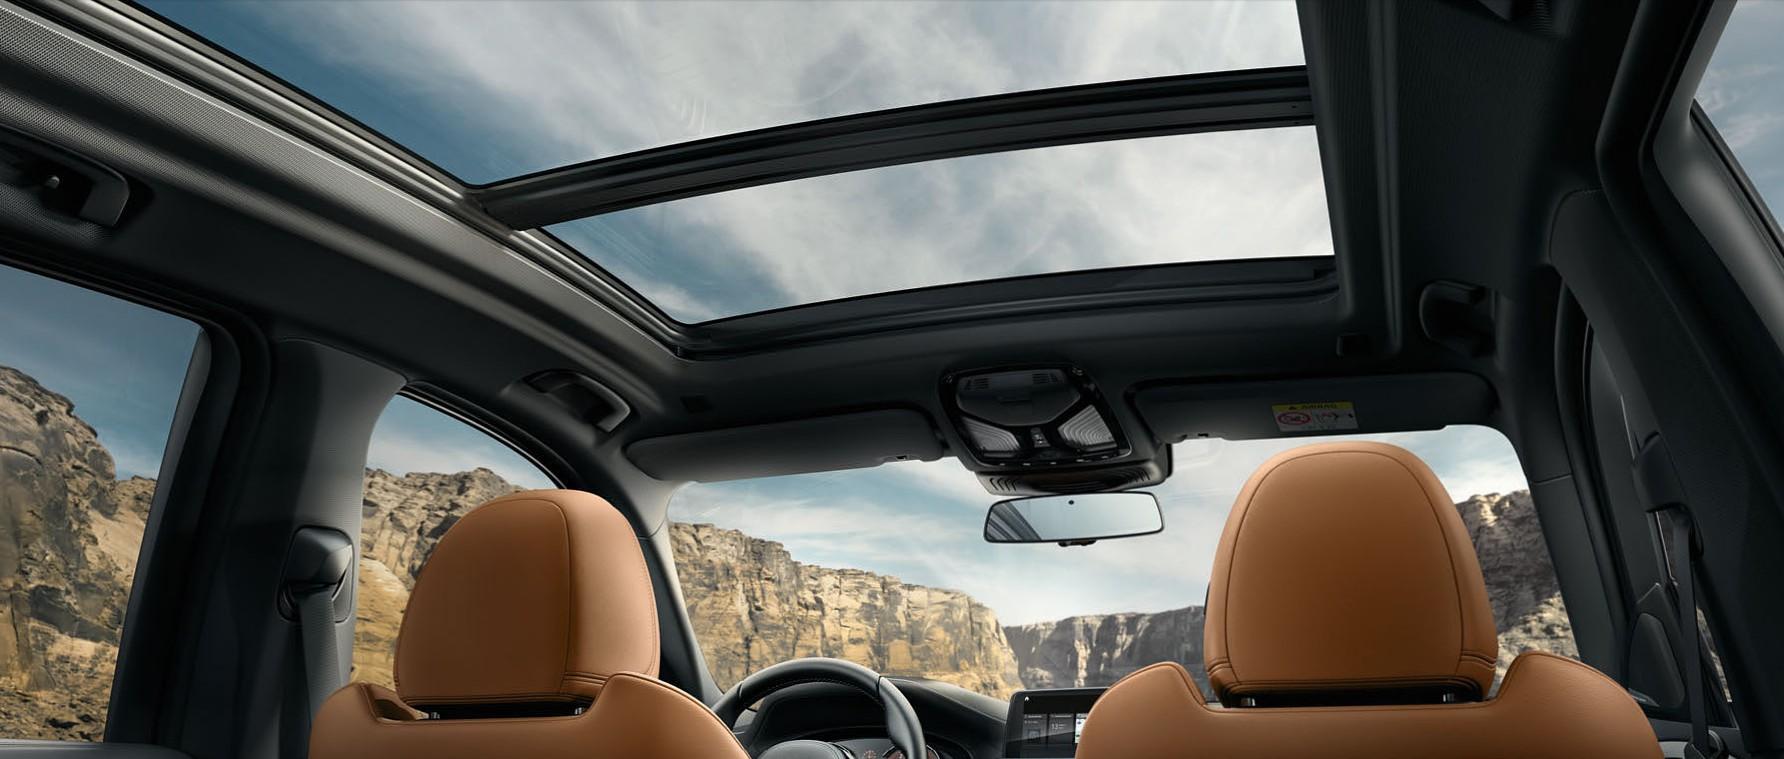 新型BMW X3_パノラマガラスサンルーフ